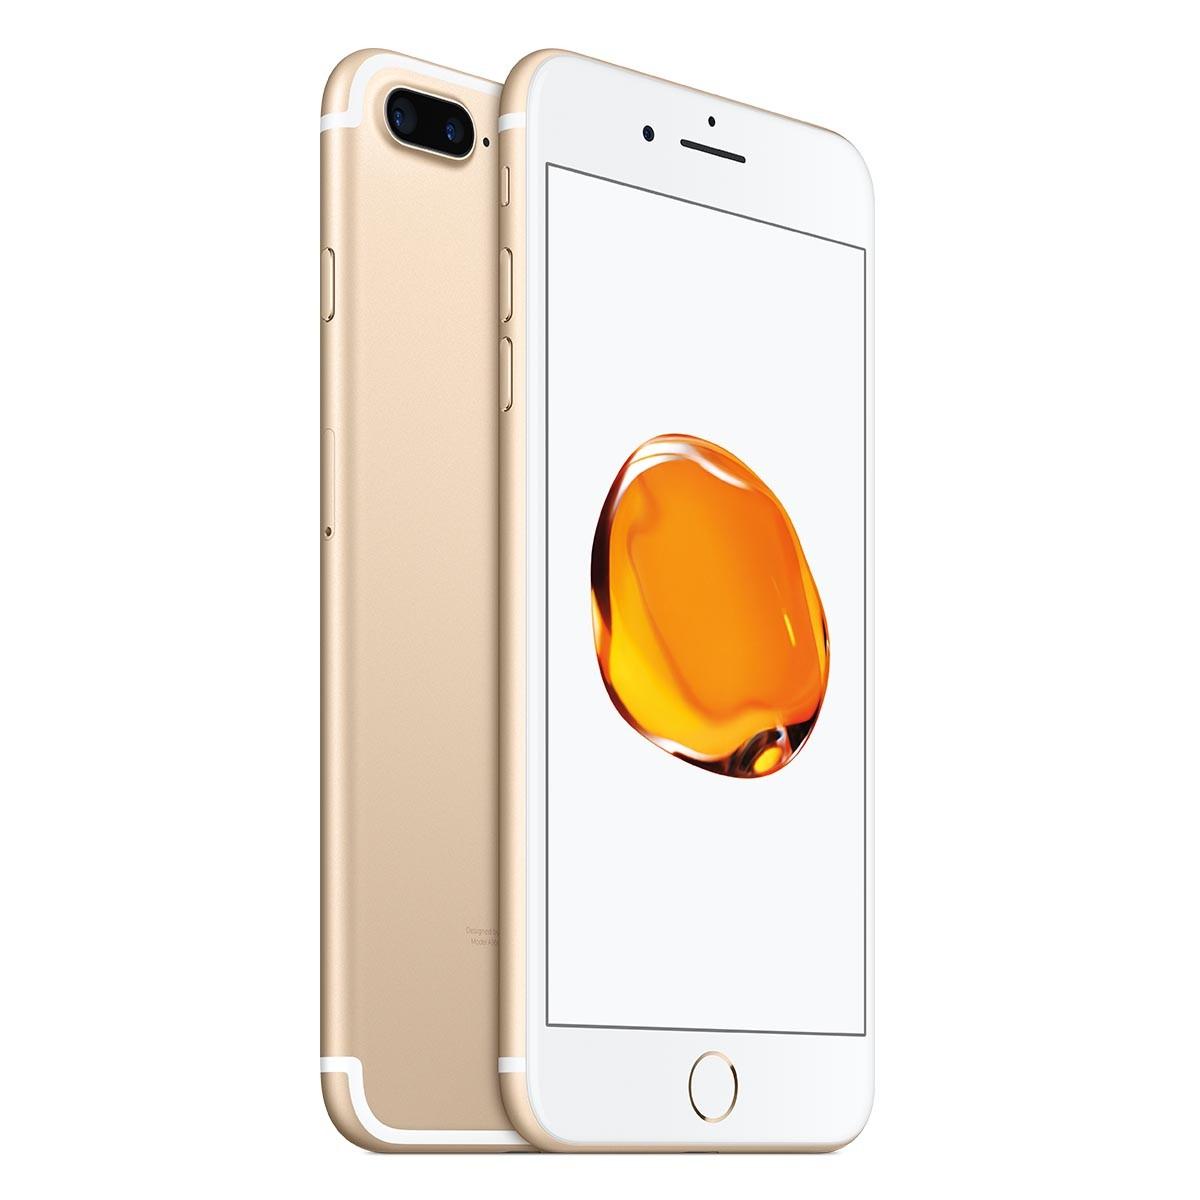 Apple iPhone 7 Plus 32GB - Gold